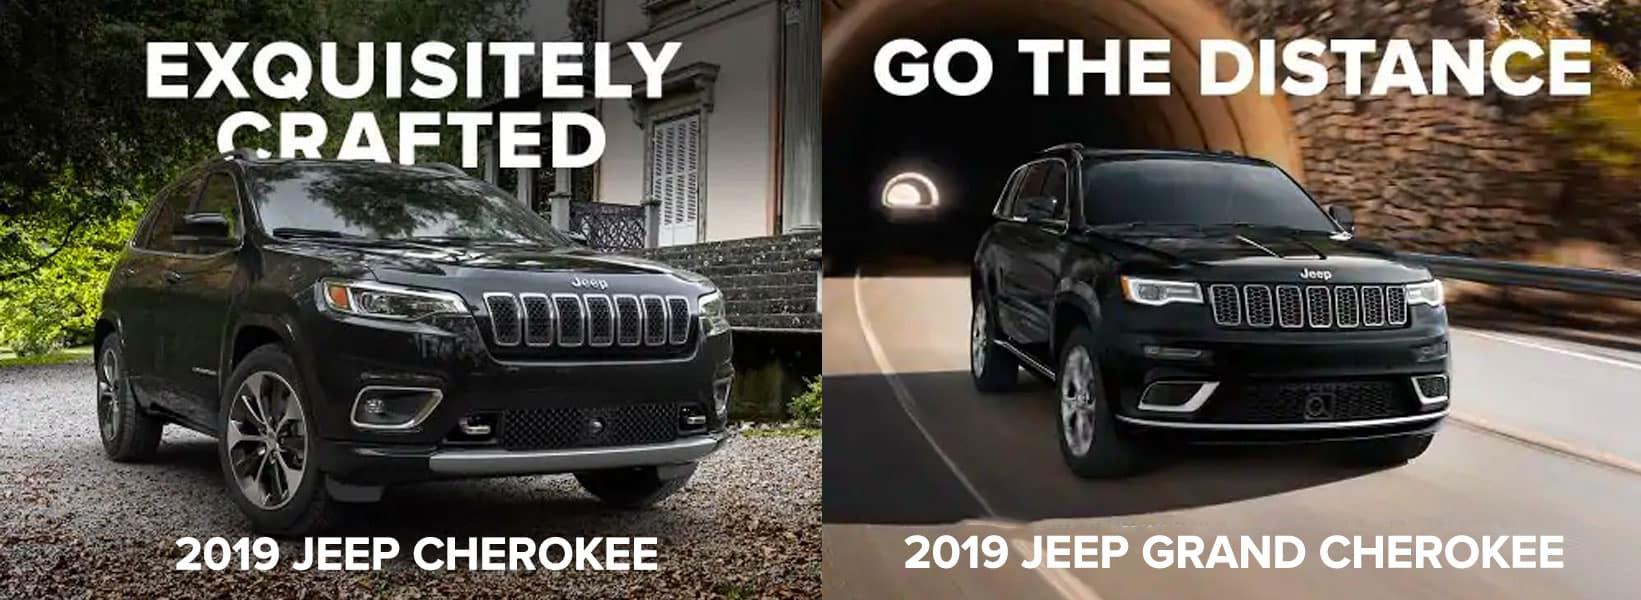 2019 Jeep Cherokee vs 2019 Jeep Grand Cherokee, Chicago IL